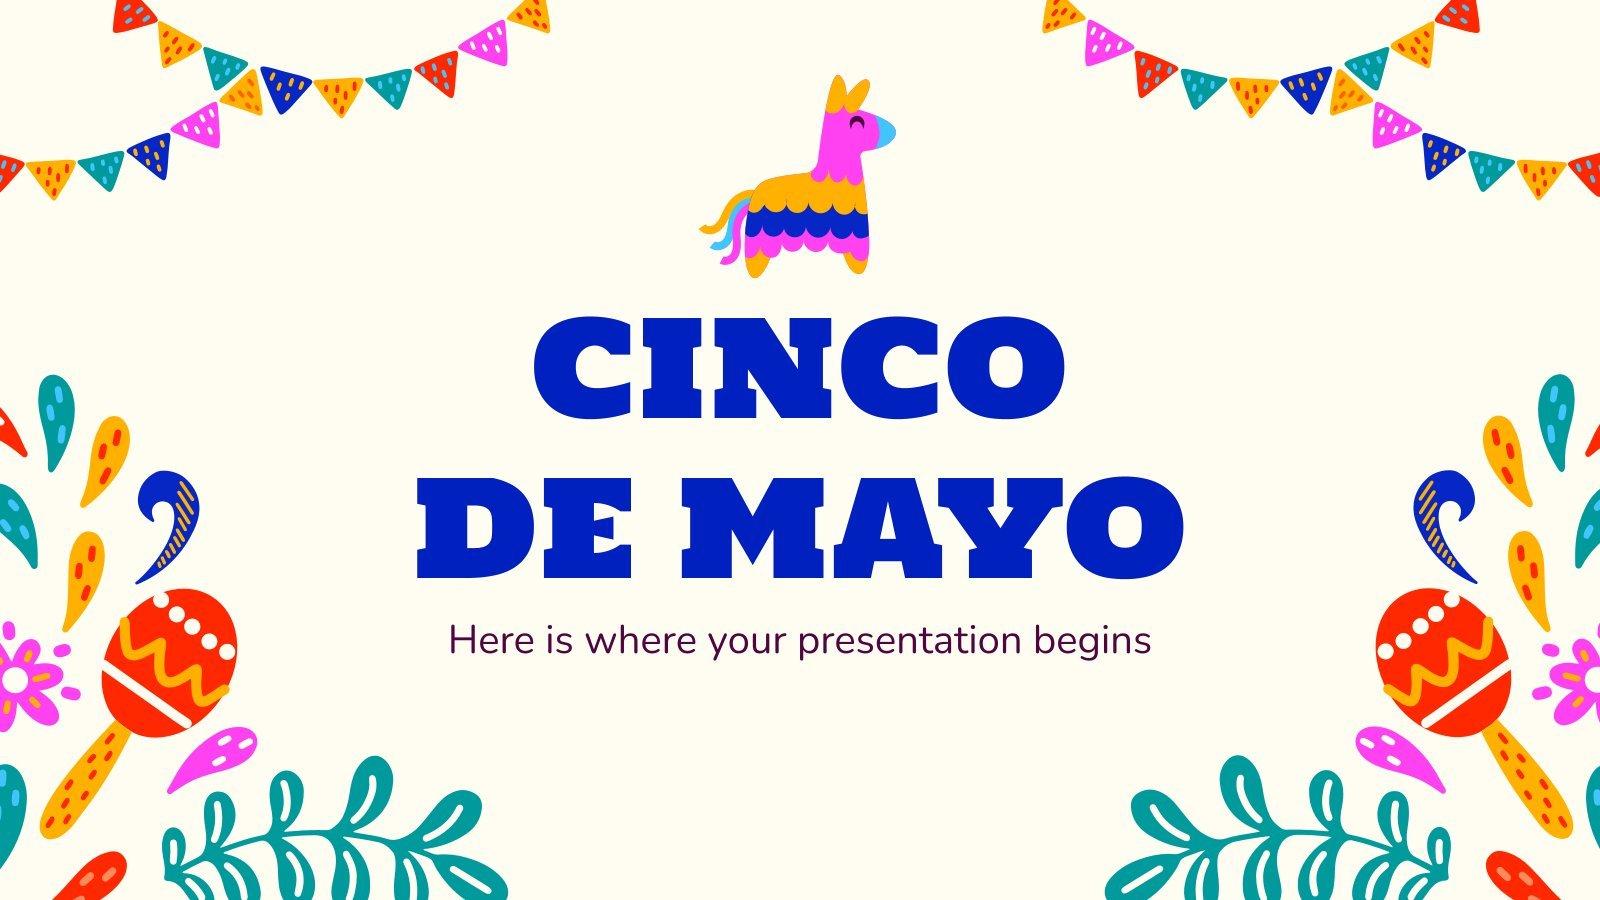 Modelo de apresentação Cinco de mayo